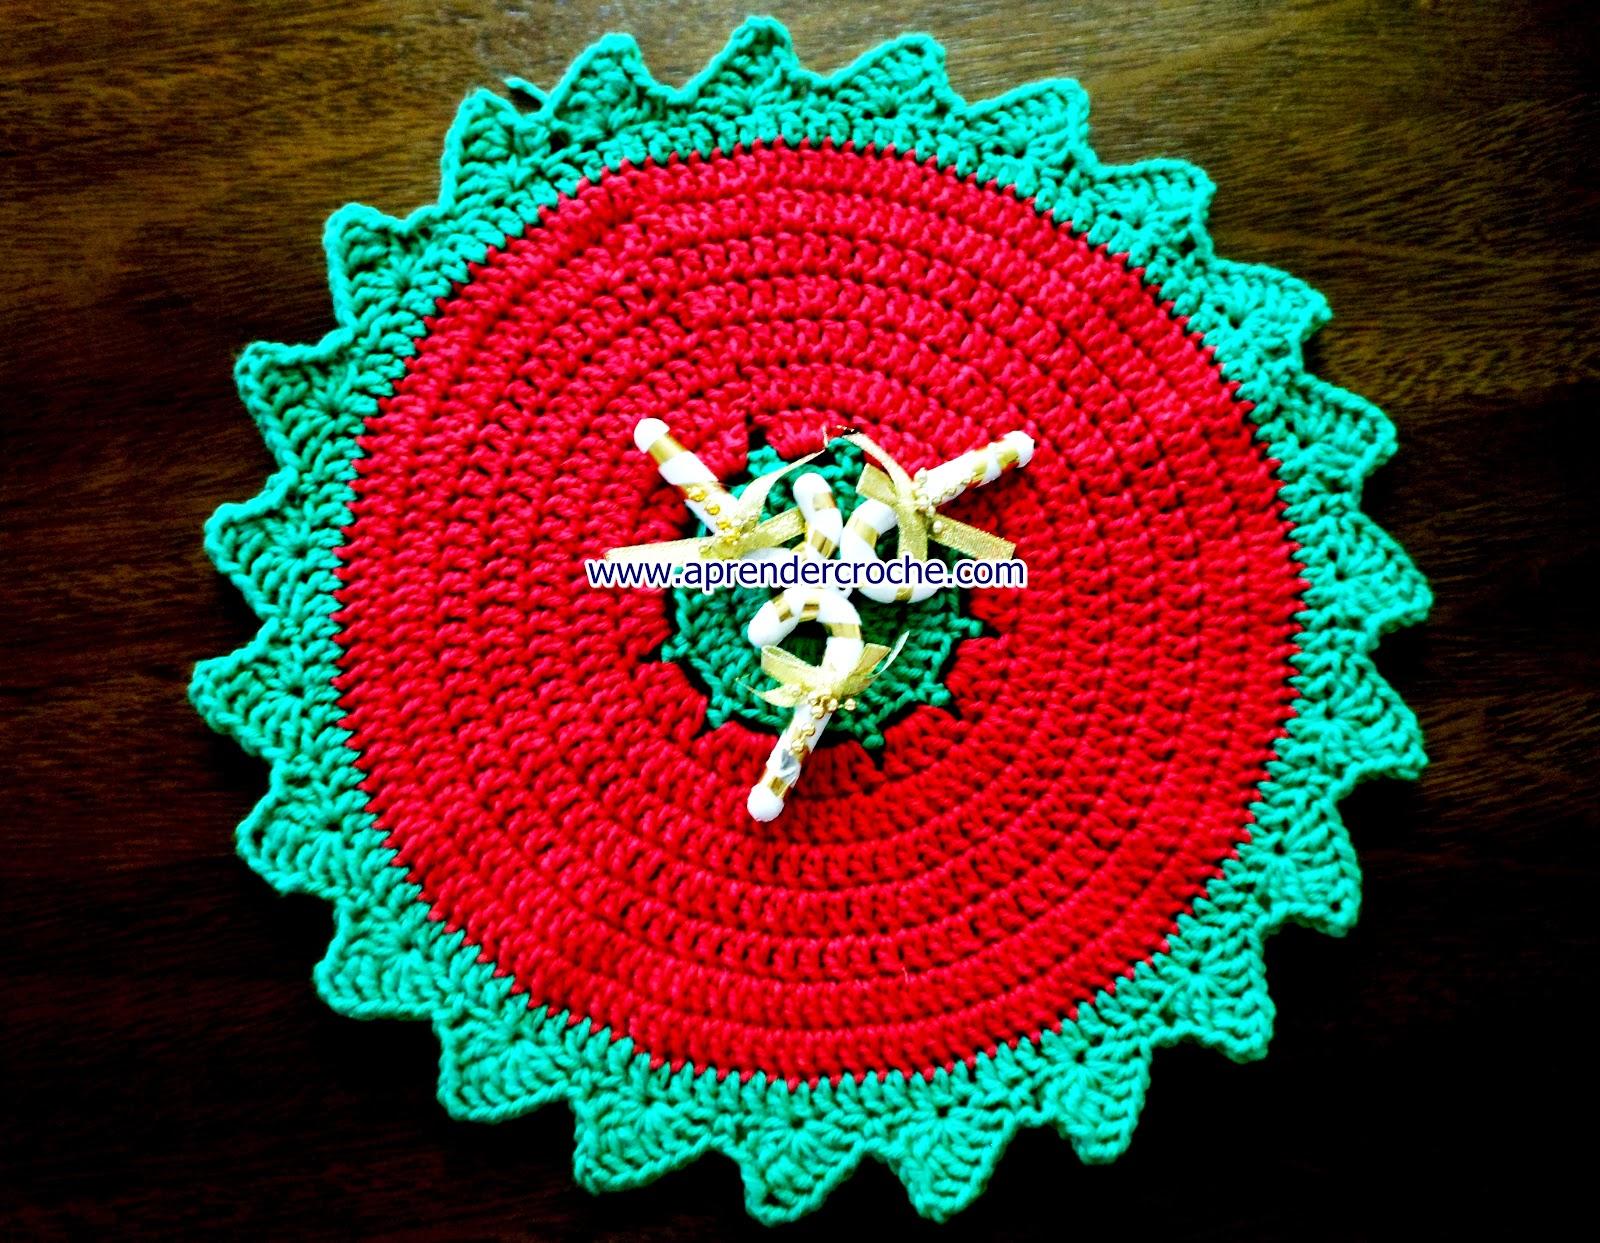 natal croche americanos ceia mesa réveillon aprender croche dvd edinir-croche barroco fios maxcolor bazar horizonte loja curso frete gratis